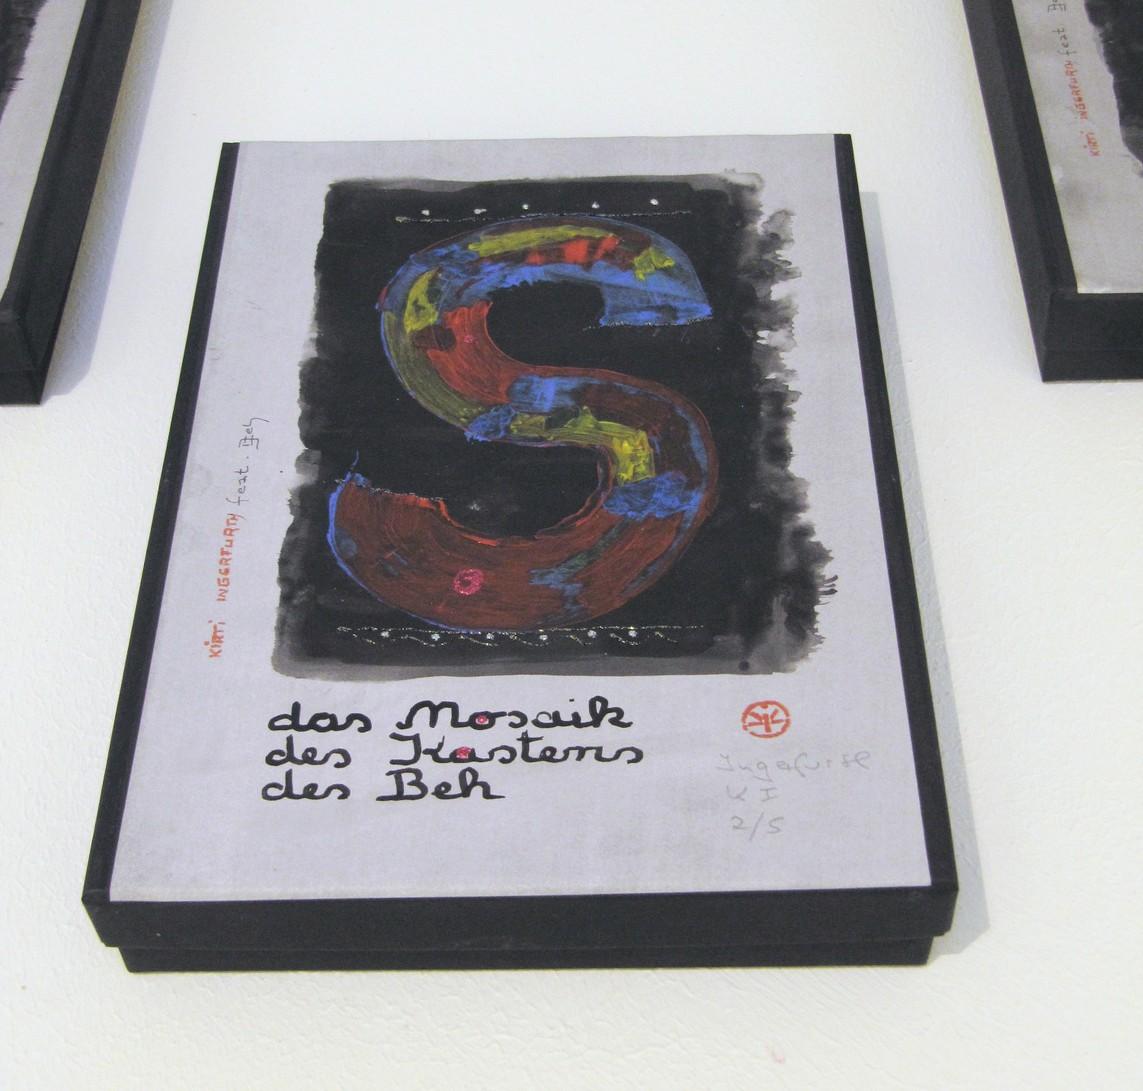 »Das Mosaik des Kastens des Beh« Kasten, lose Blätter, Auflage 5, 23 x 32 cm, 2013